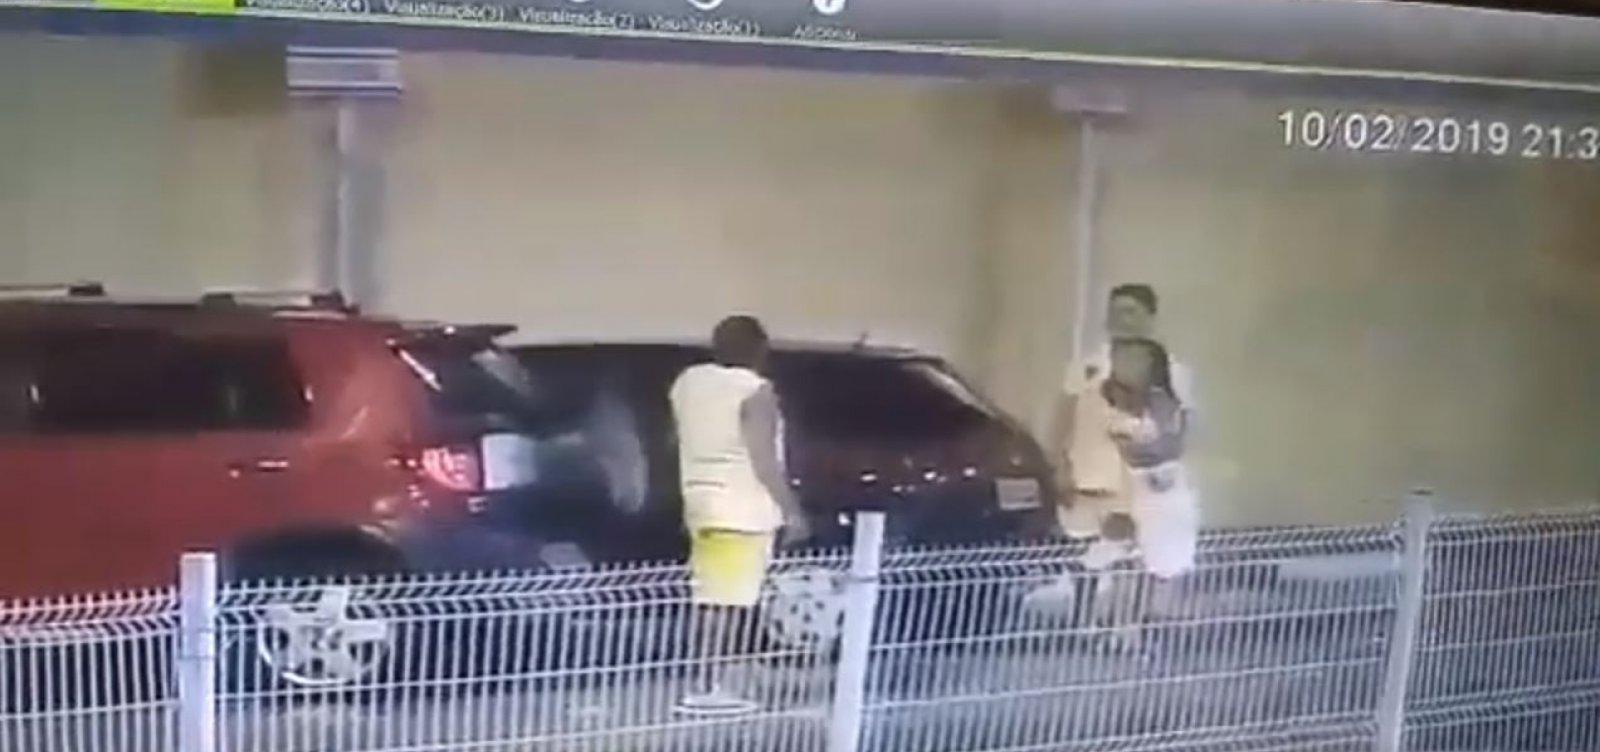 [Policial é agredido por advogado em estacionamento de shopping; veja vídeo ]